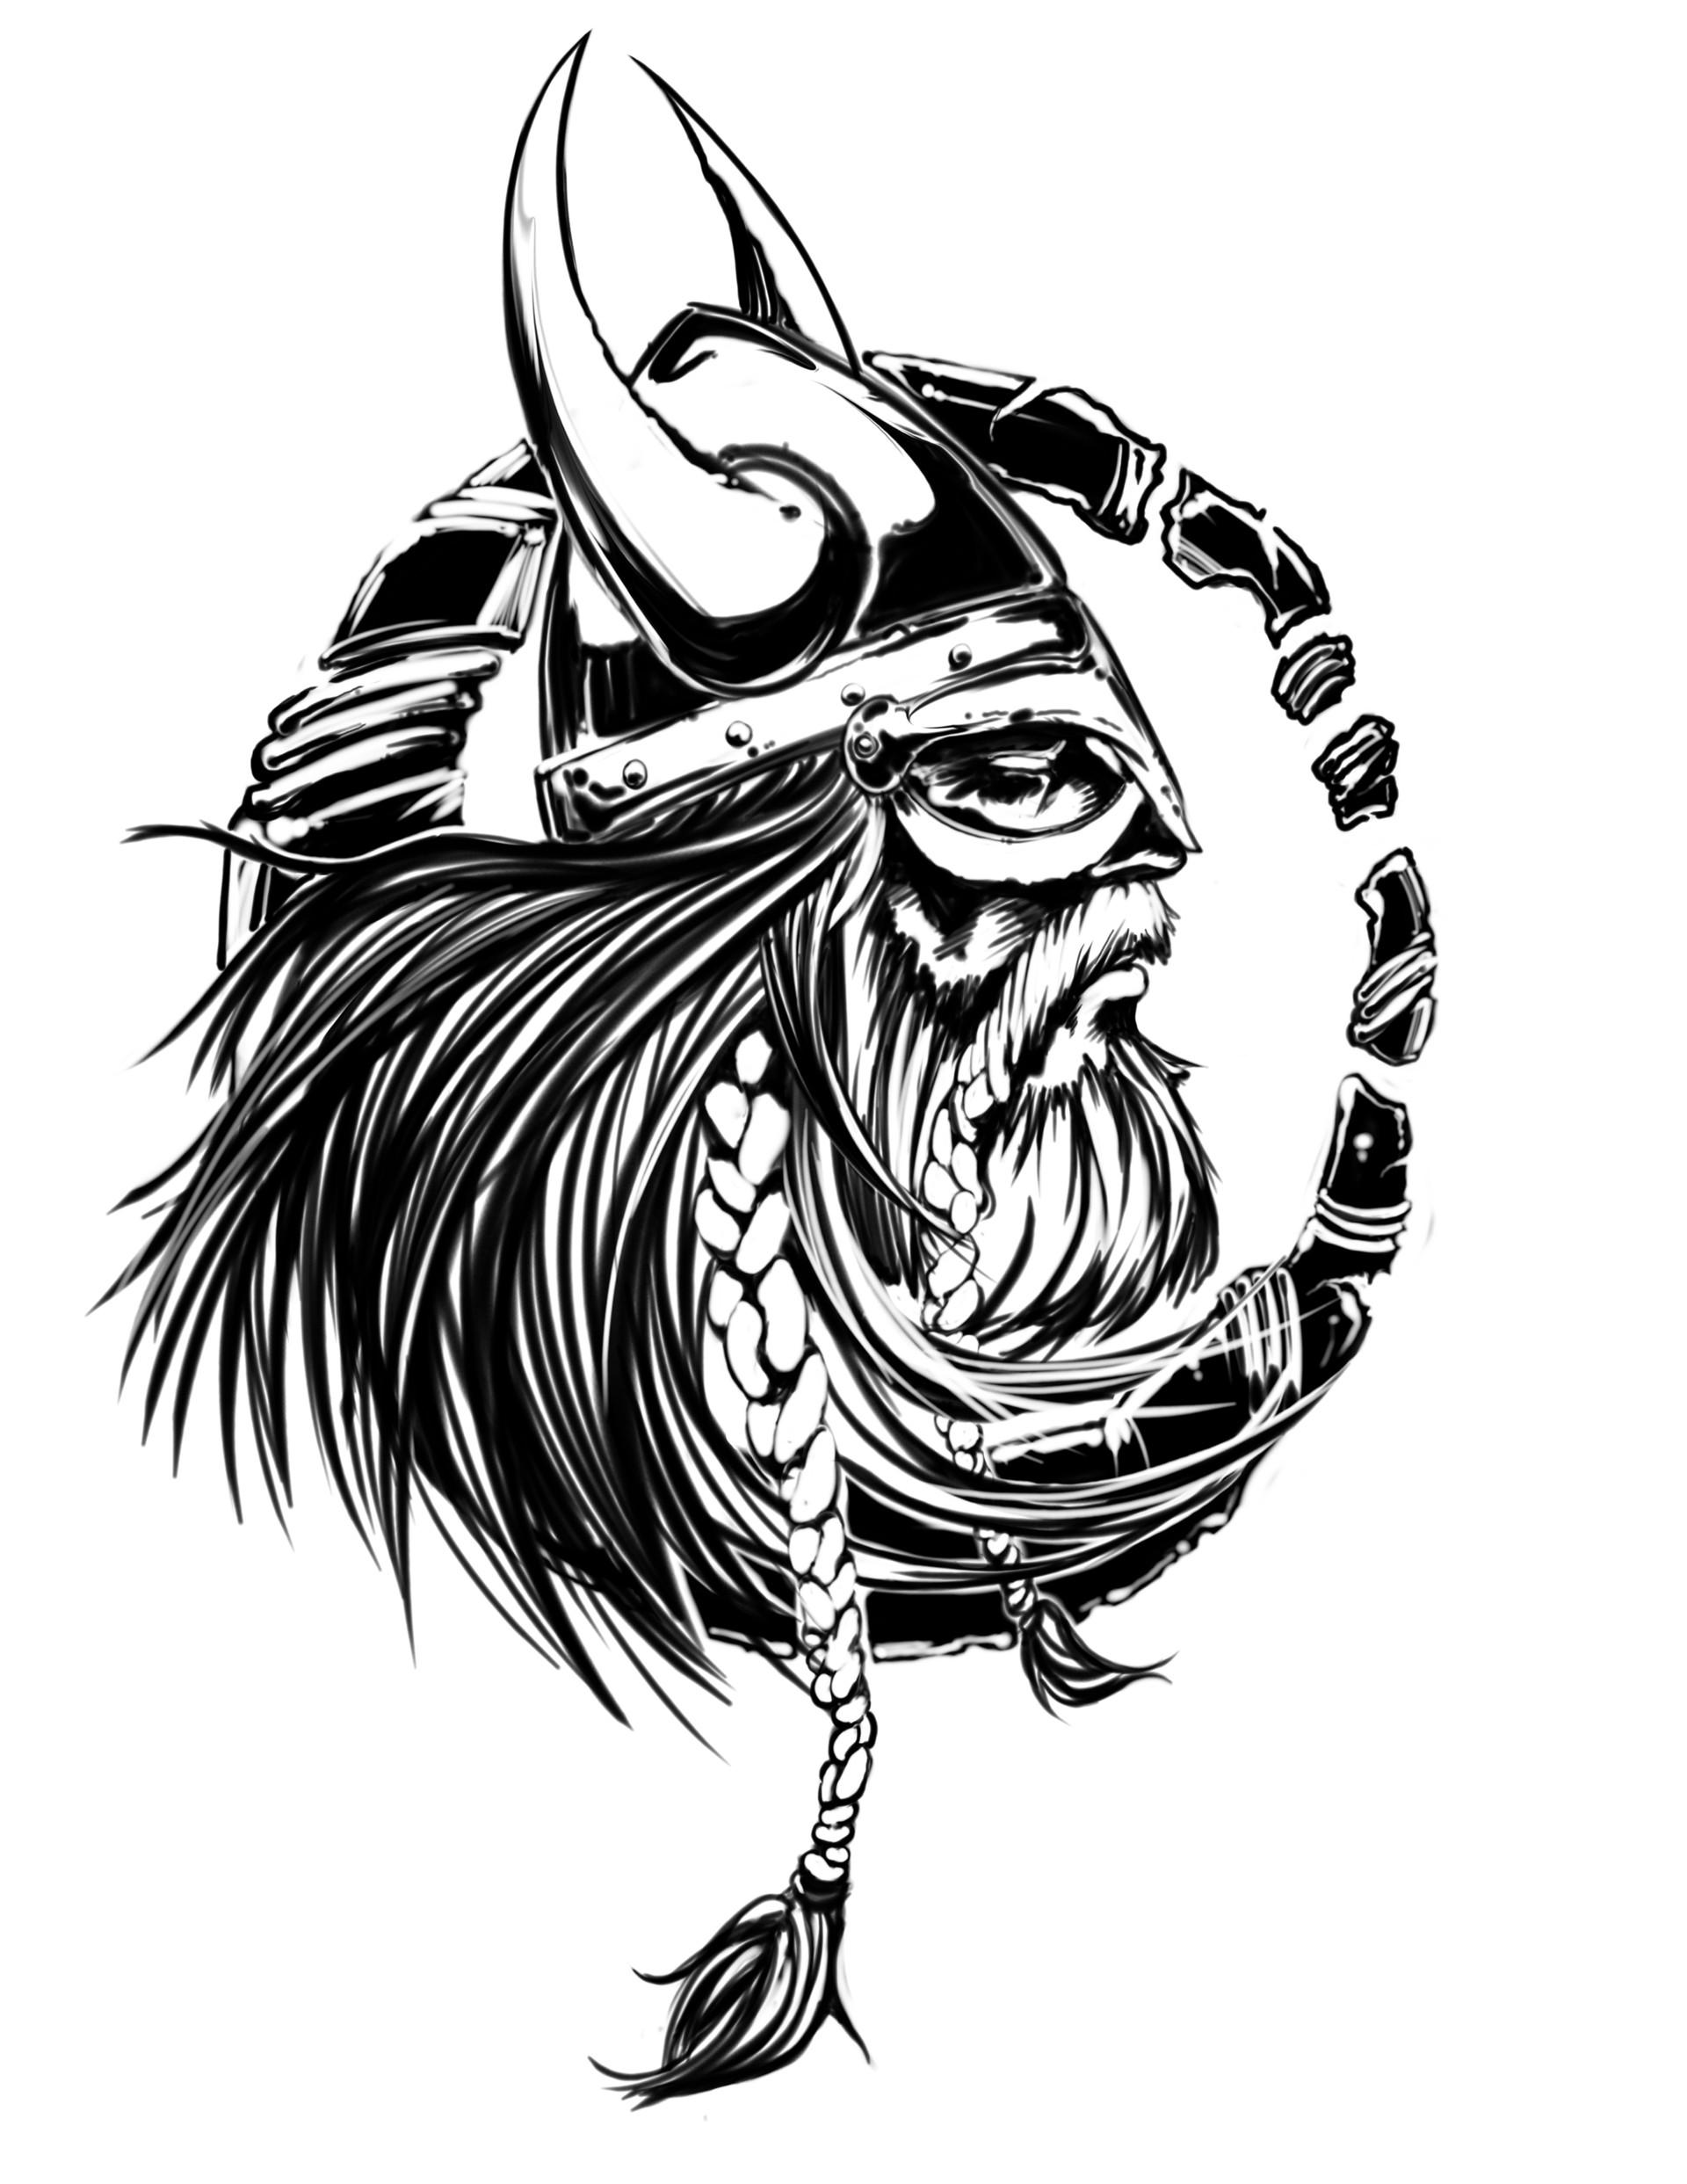 милые, объективно смотреть картинки татуировок с викингами это место, где